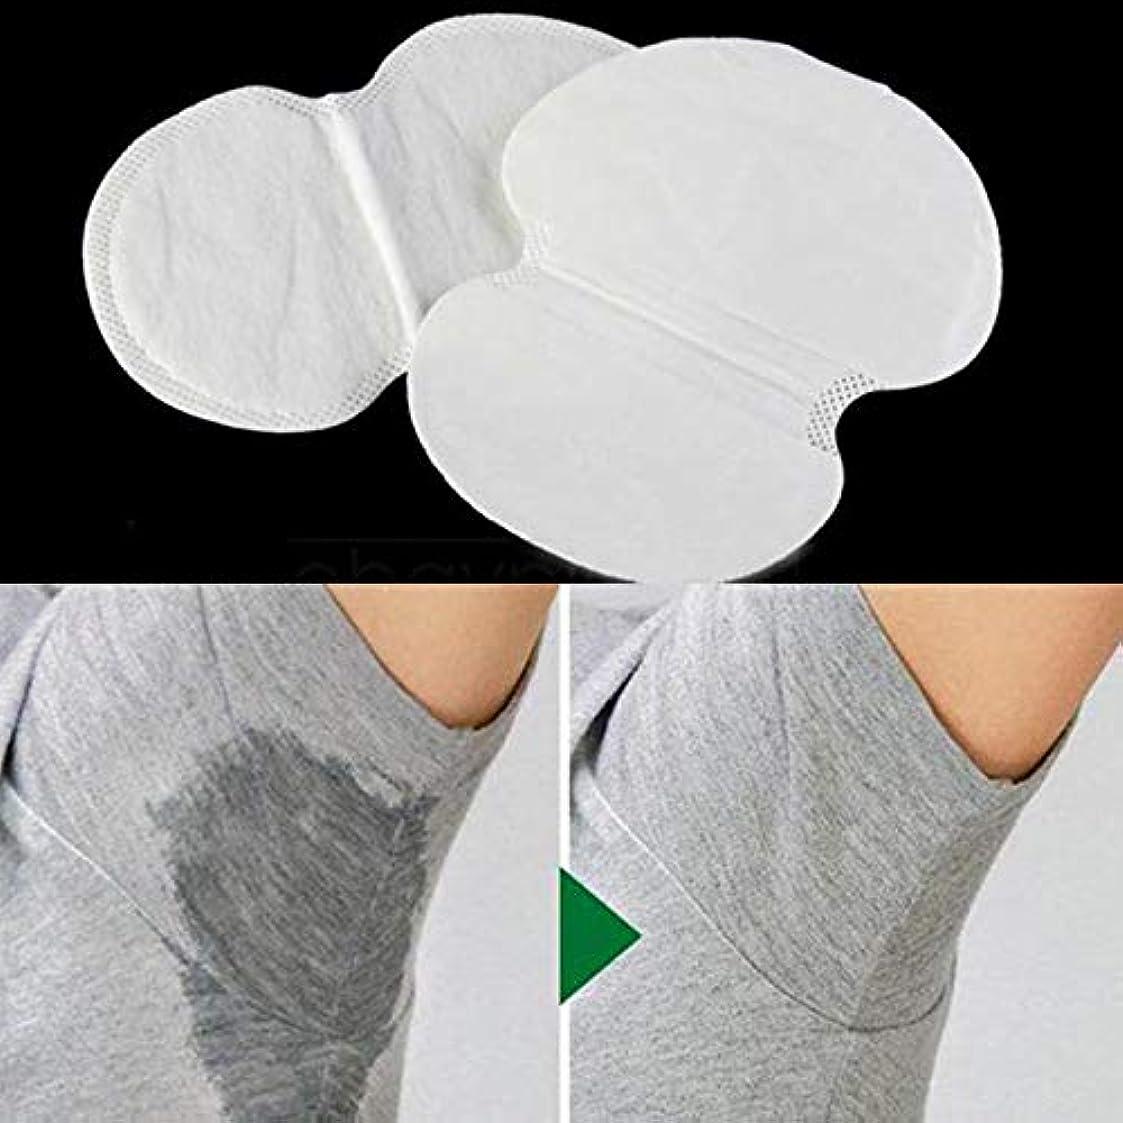 エクスタシー腹部舌な2ピース消臭コットンパッド脇の下汗パッド使い捨てストップ汗シールドガード吸収抗発汗汗女性のため